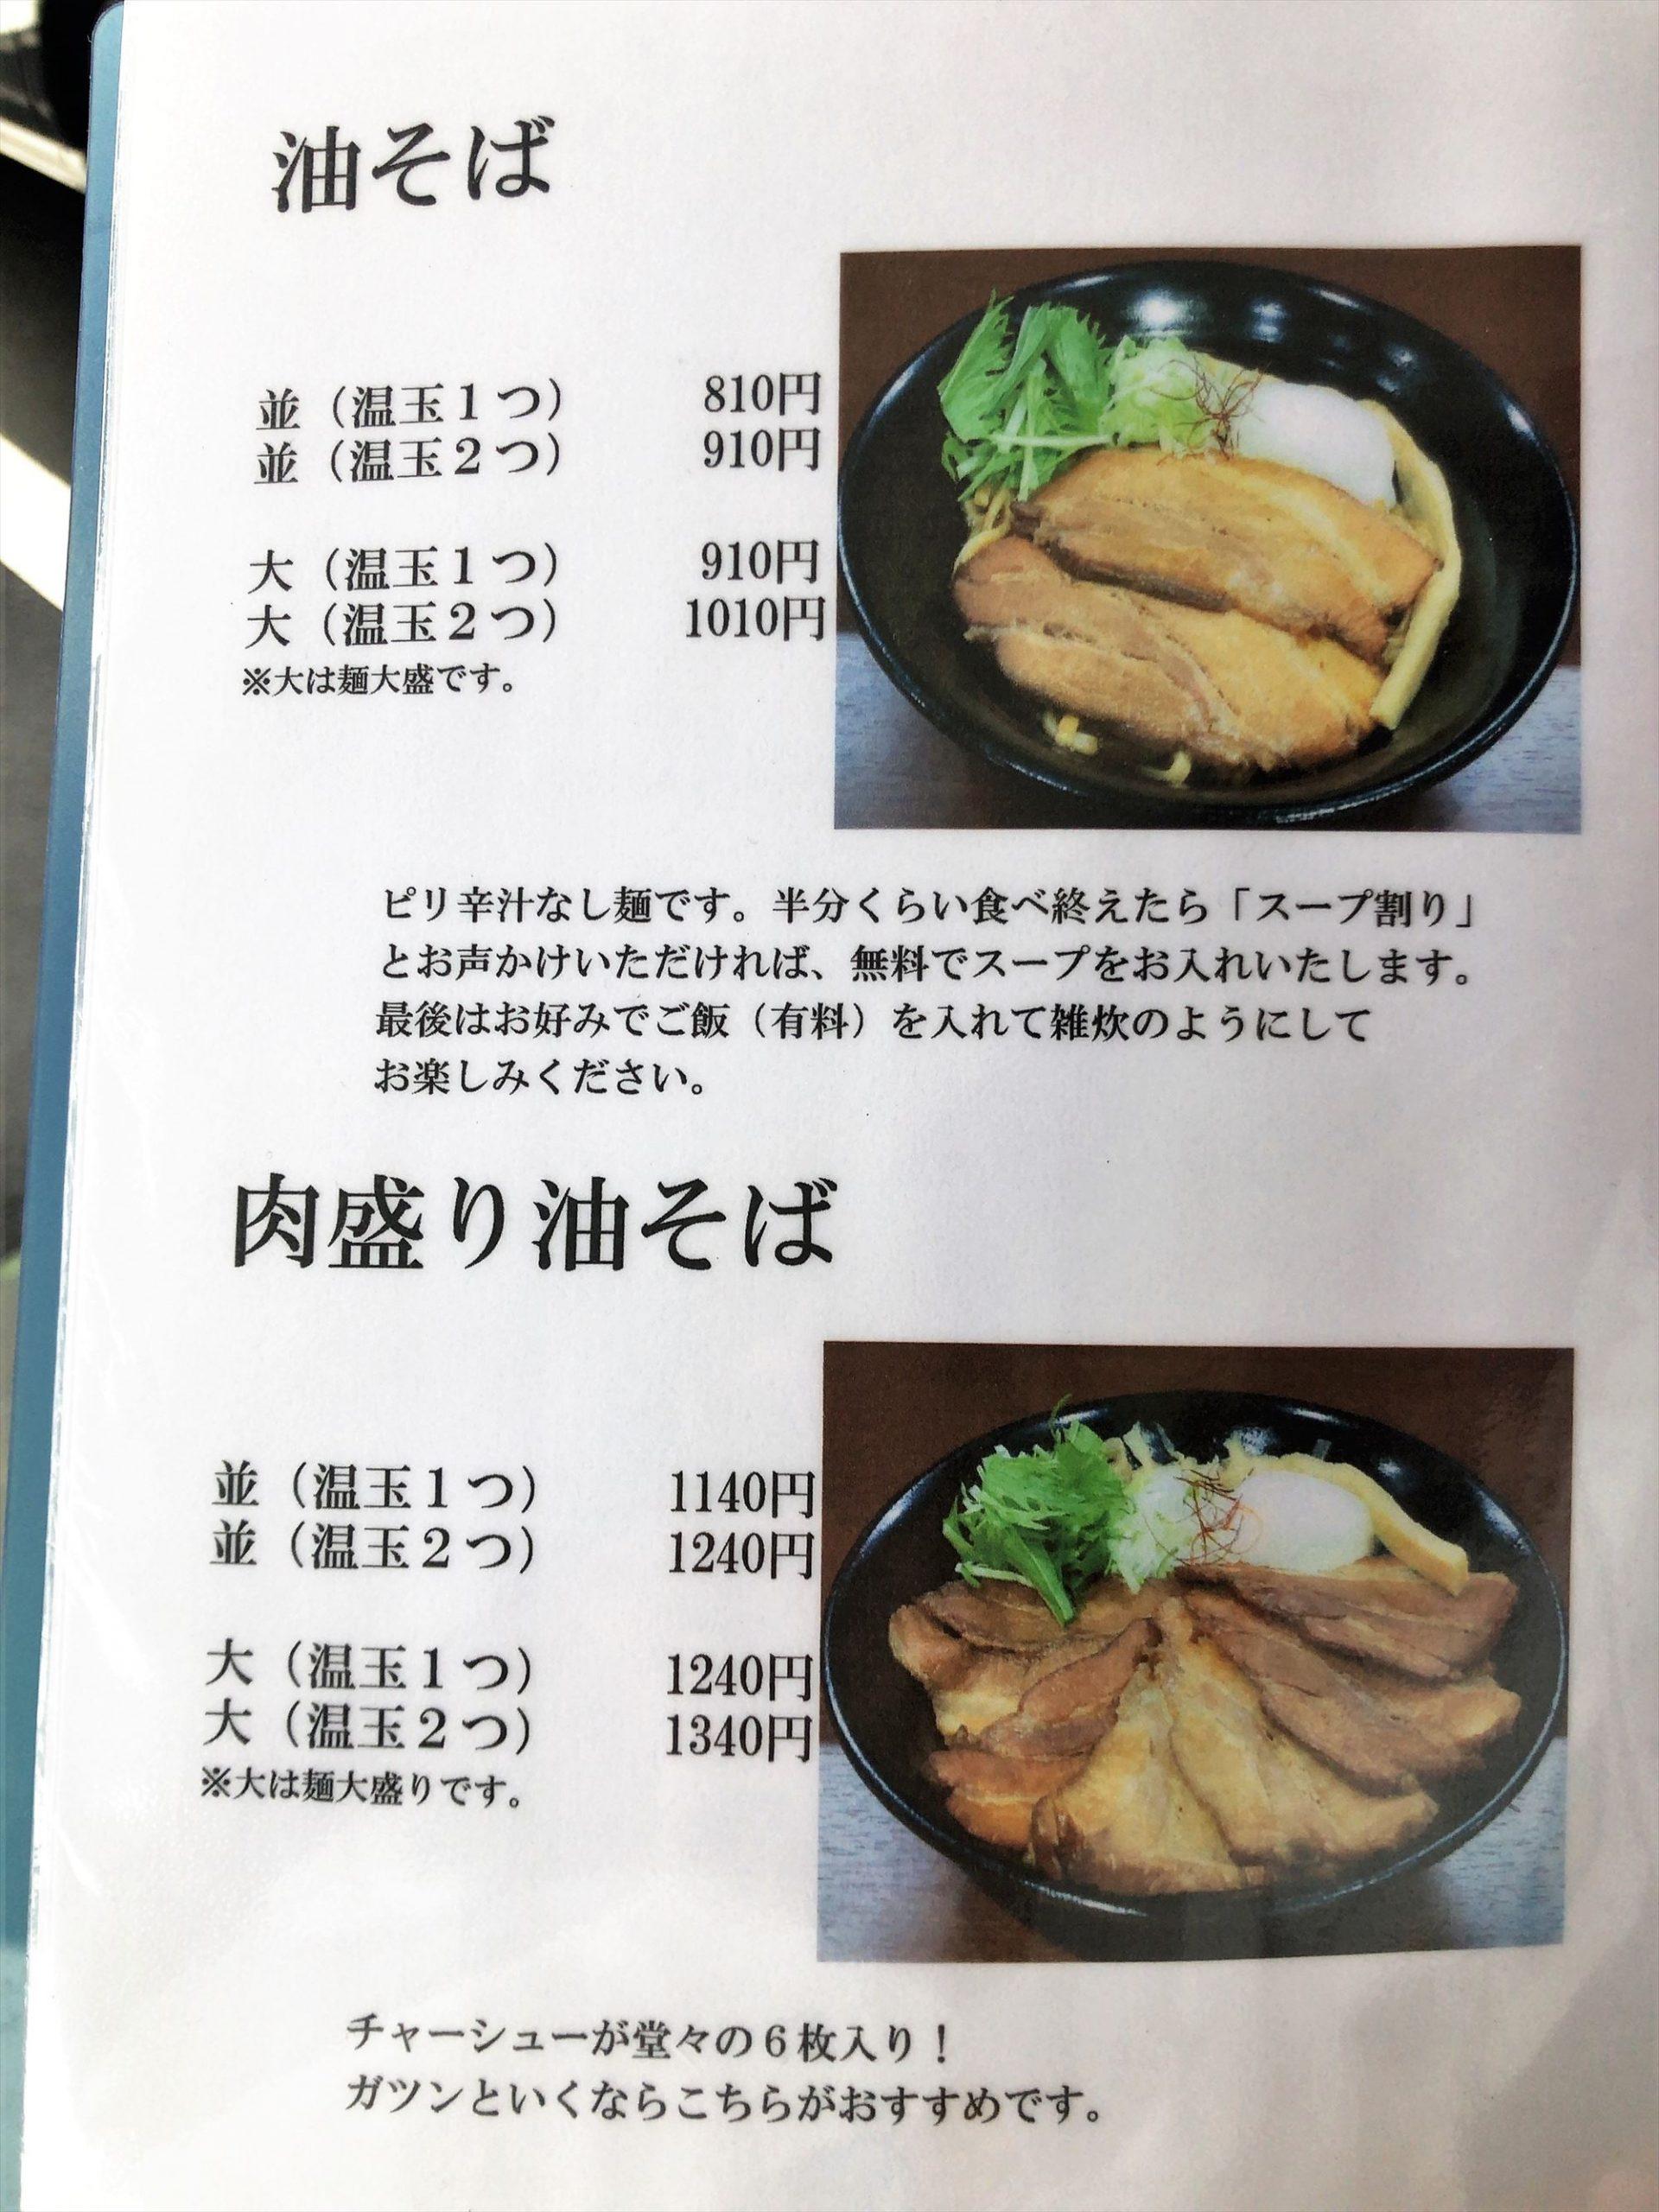 麺処 うきとみのメニュー